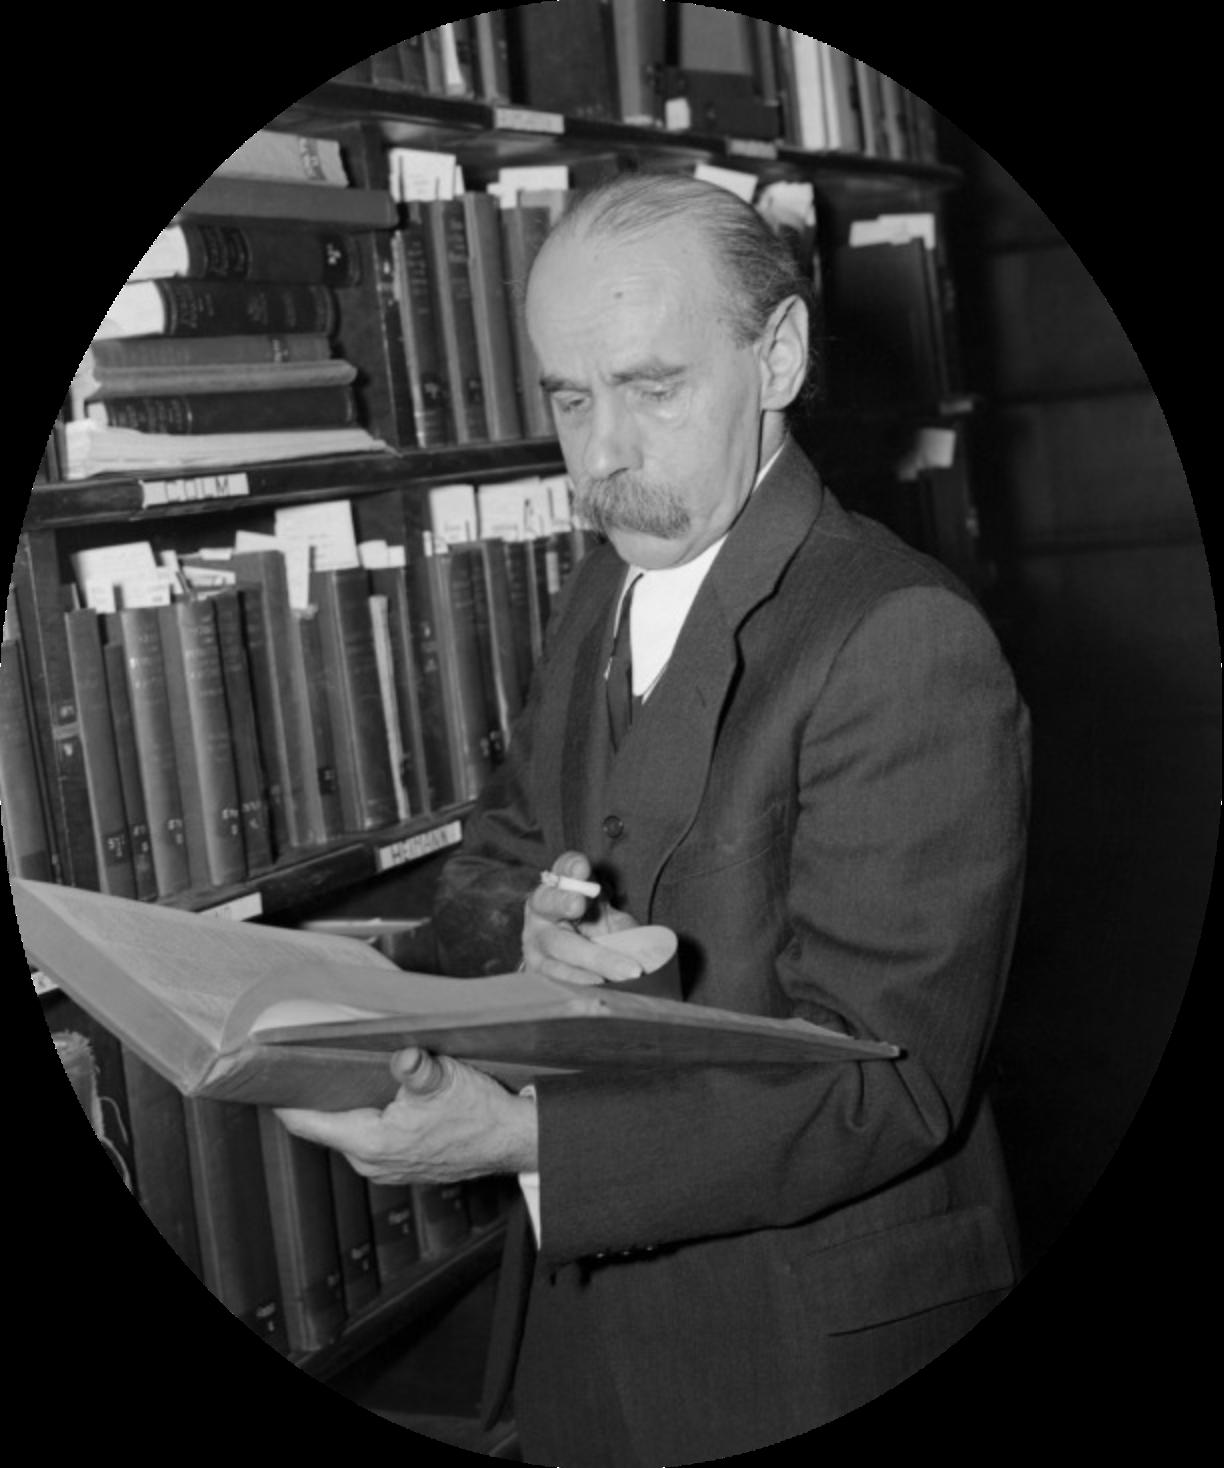 Макс Вертгеймер, один из основателей гештальт-психологии, wikimedia